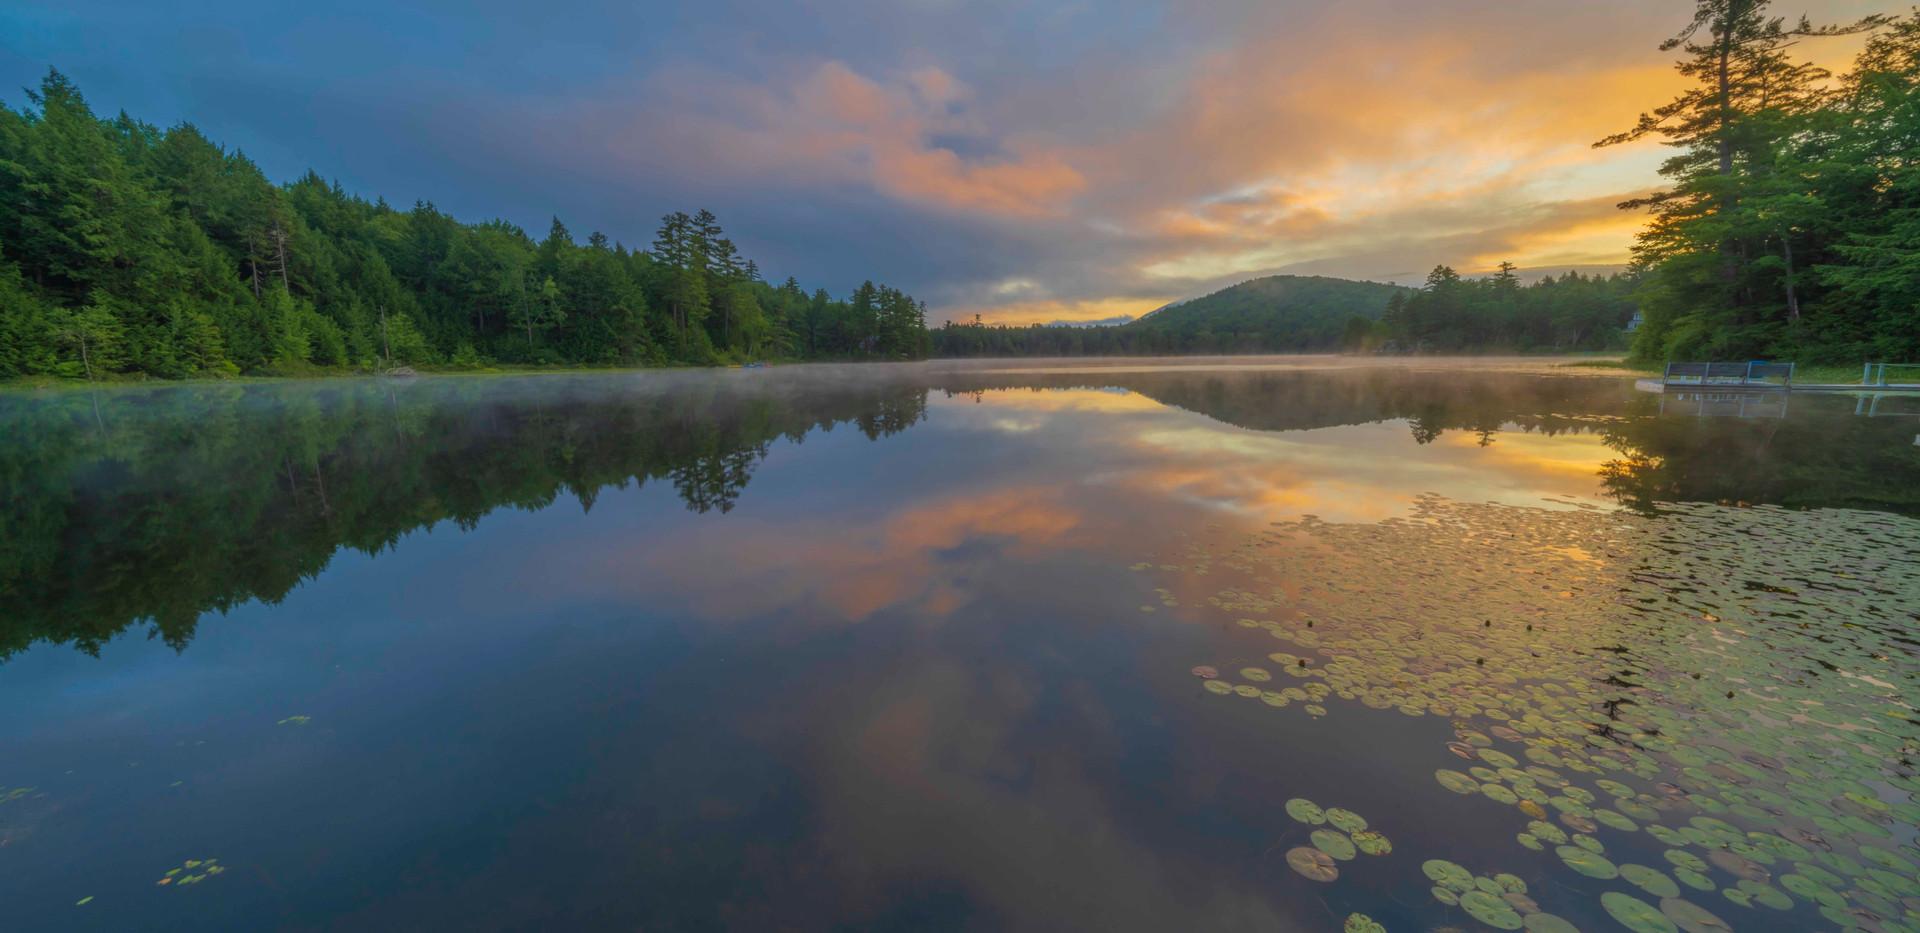 Vermont's Warm Sunrise